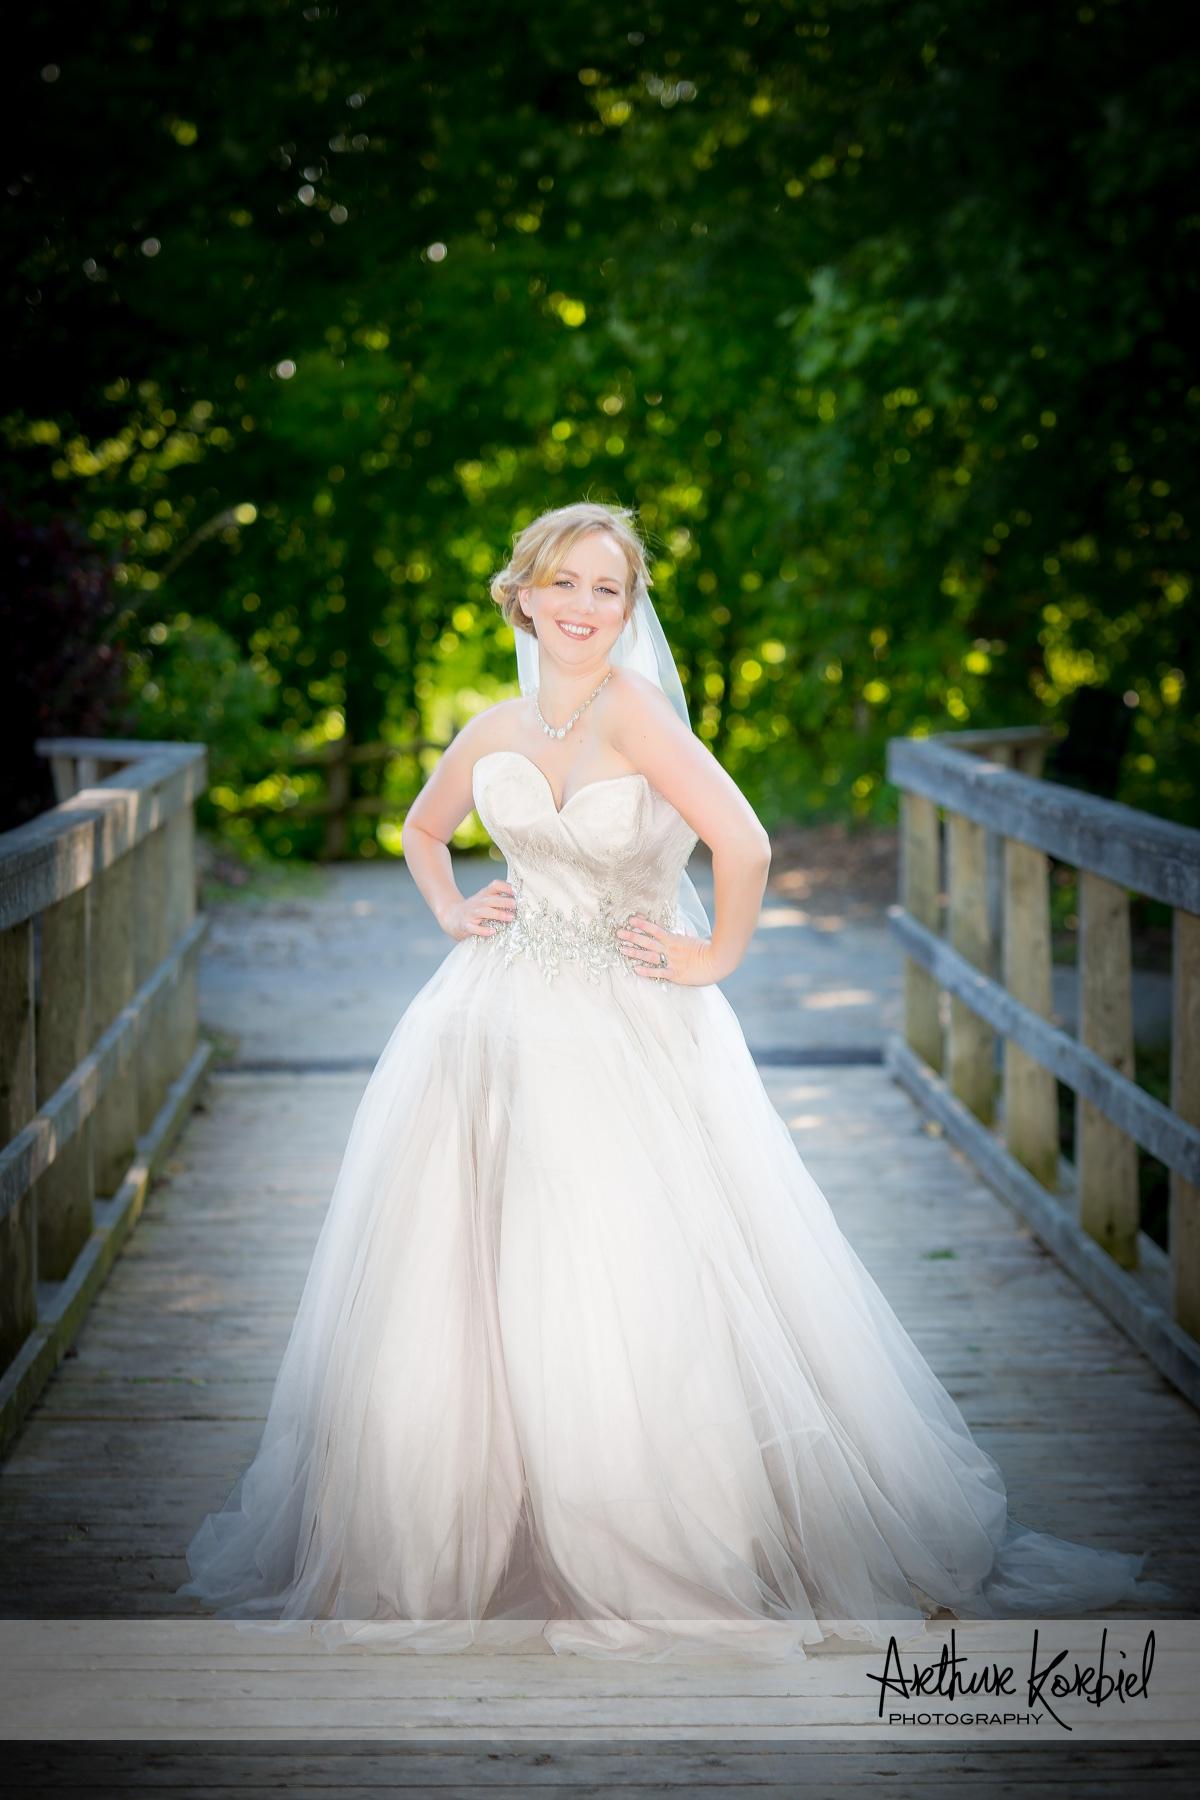 Arthur Korbiel Photography - London Wedding Photographer-011.jpg